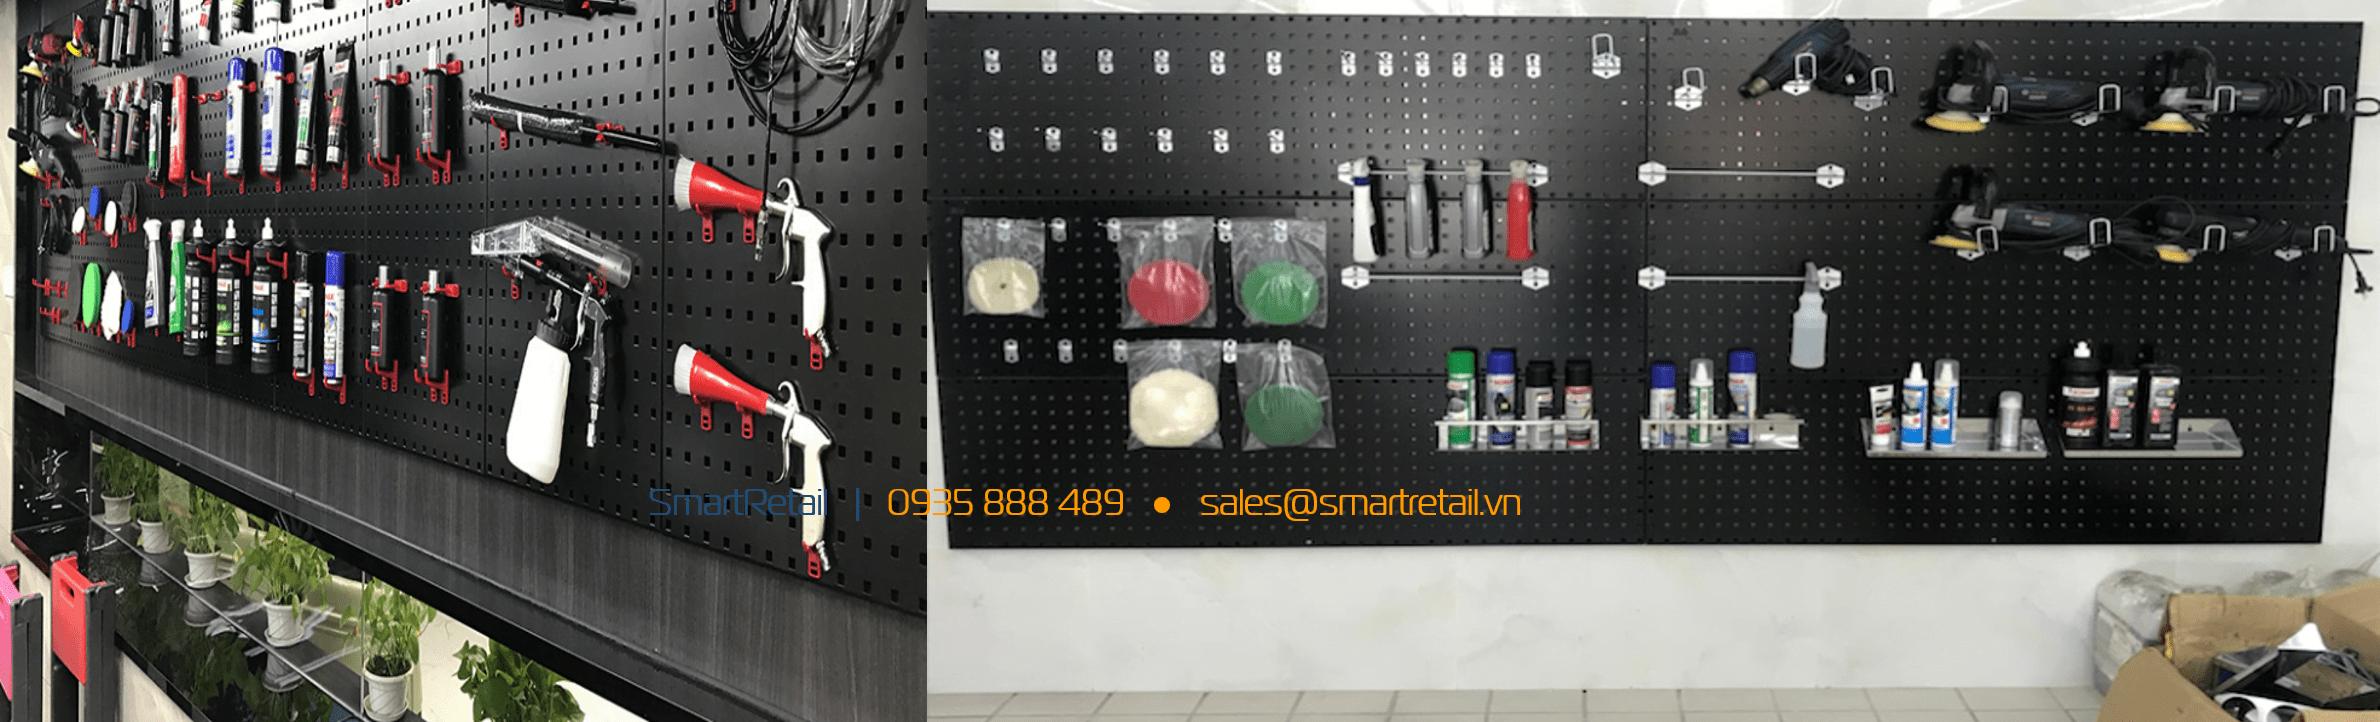 Bảng treo dụng cụ sửa chữa - SmartRetail - 093588849